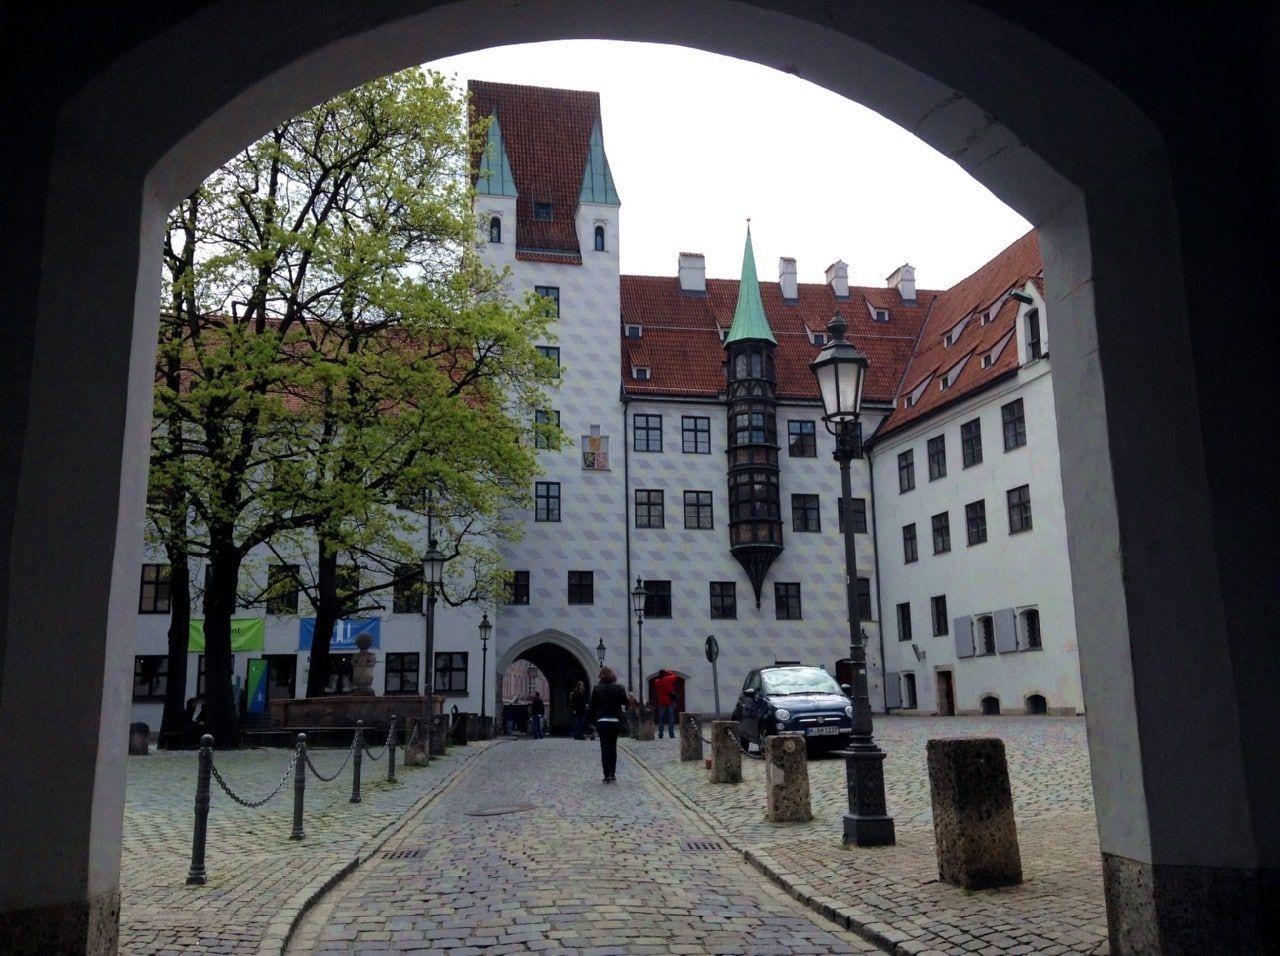 Старый двор (Alter Hof) Мюнхена